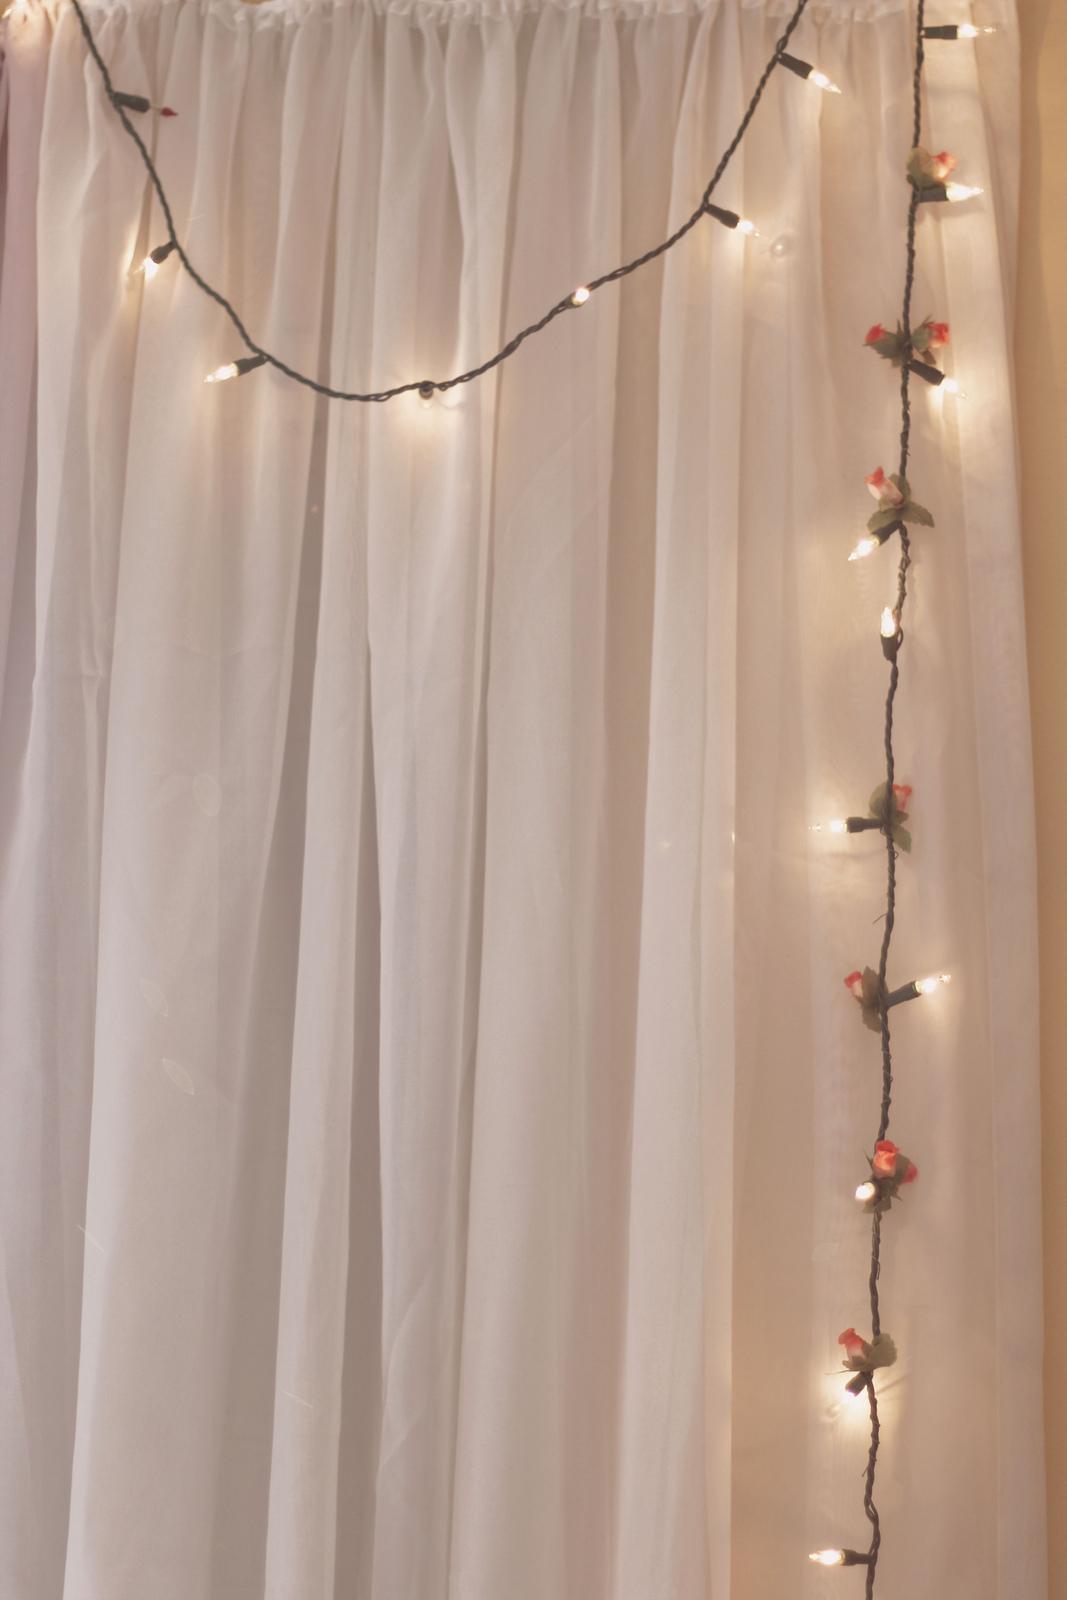 Decorao do meu quarto com luzes piscapisca Natal